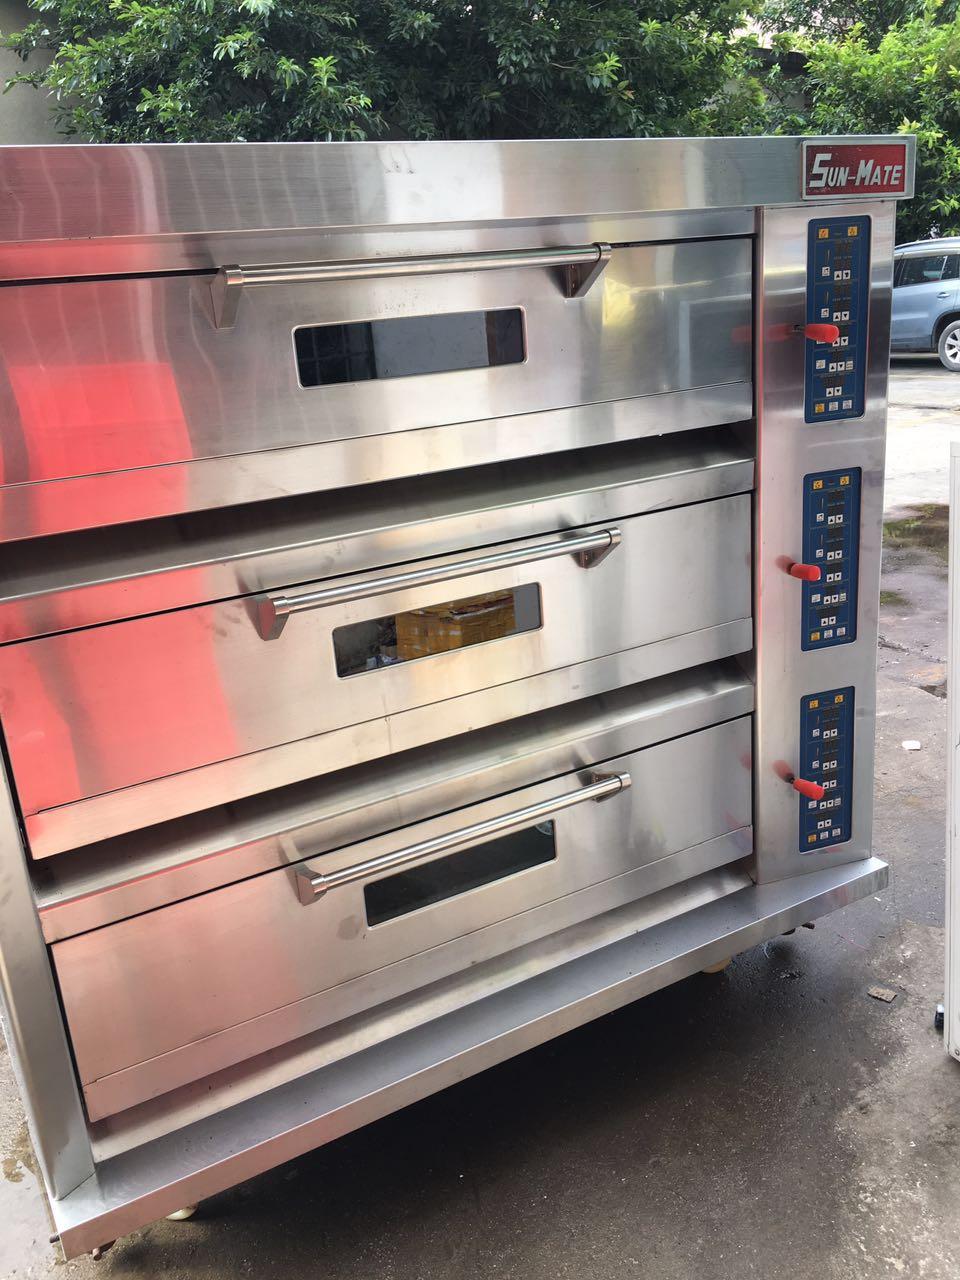 鼎荣顺喜,顶尖三麦烤箱设备值多少钱公司,几十年专业生产三麦烤